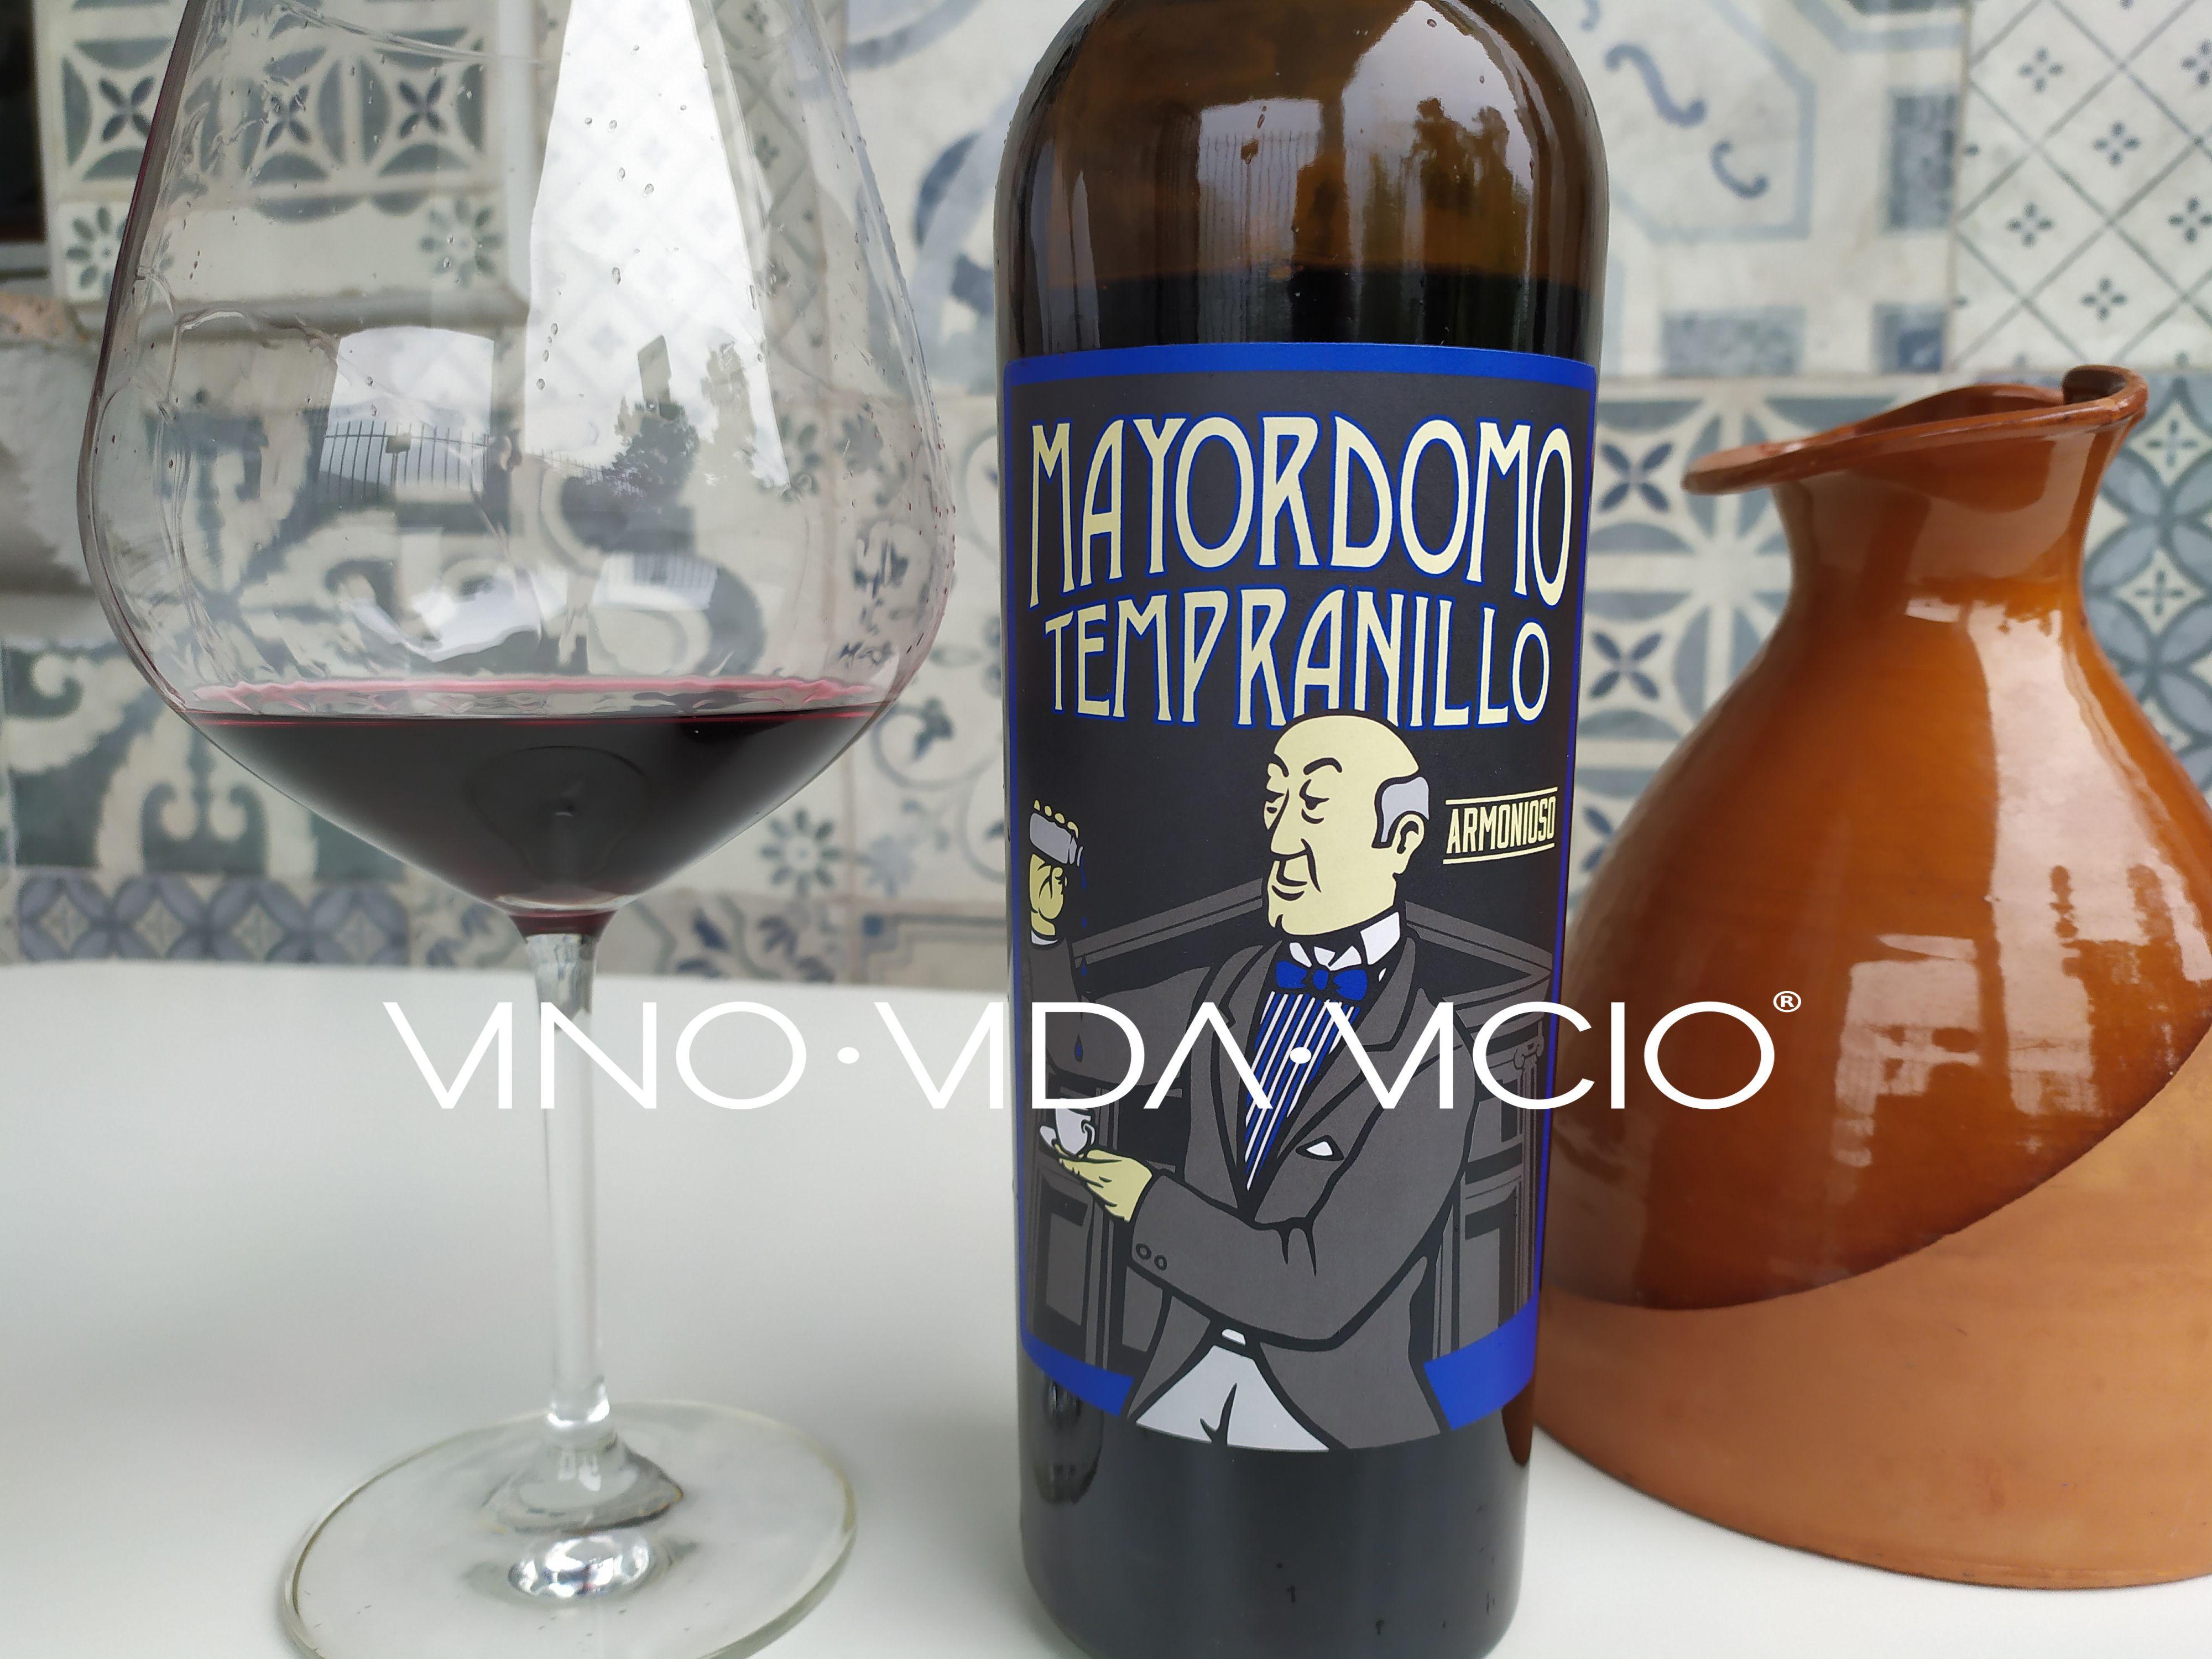 Vino Mayordomo Tempranillo Supermercados Lidl Opinión Profesional Cata De Vinos En Video Cata De Vinos Lidl Vino